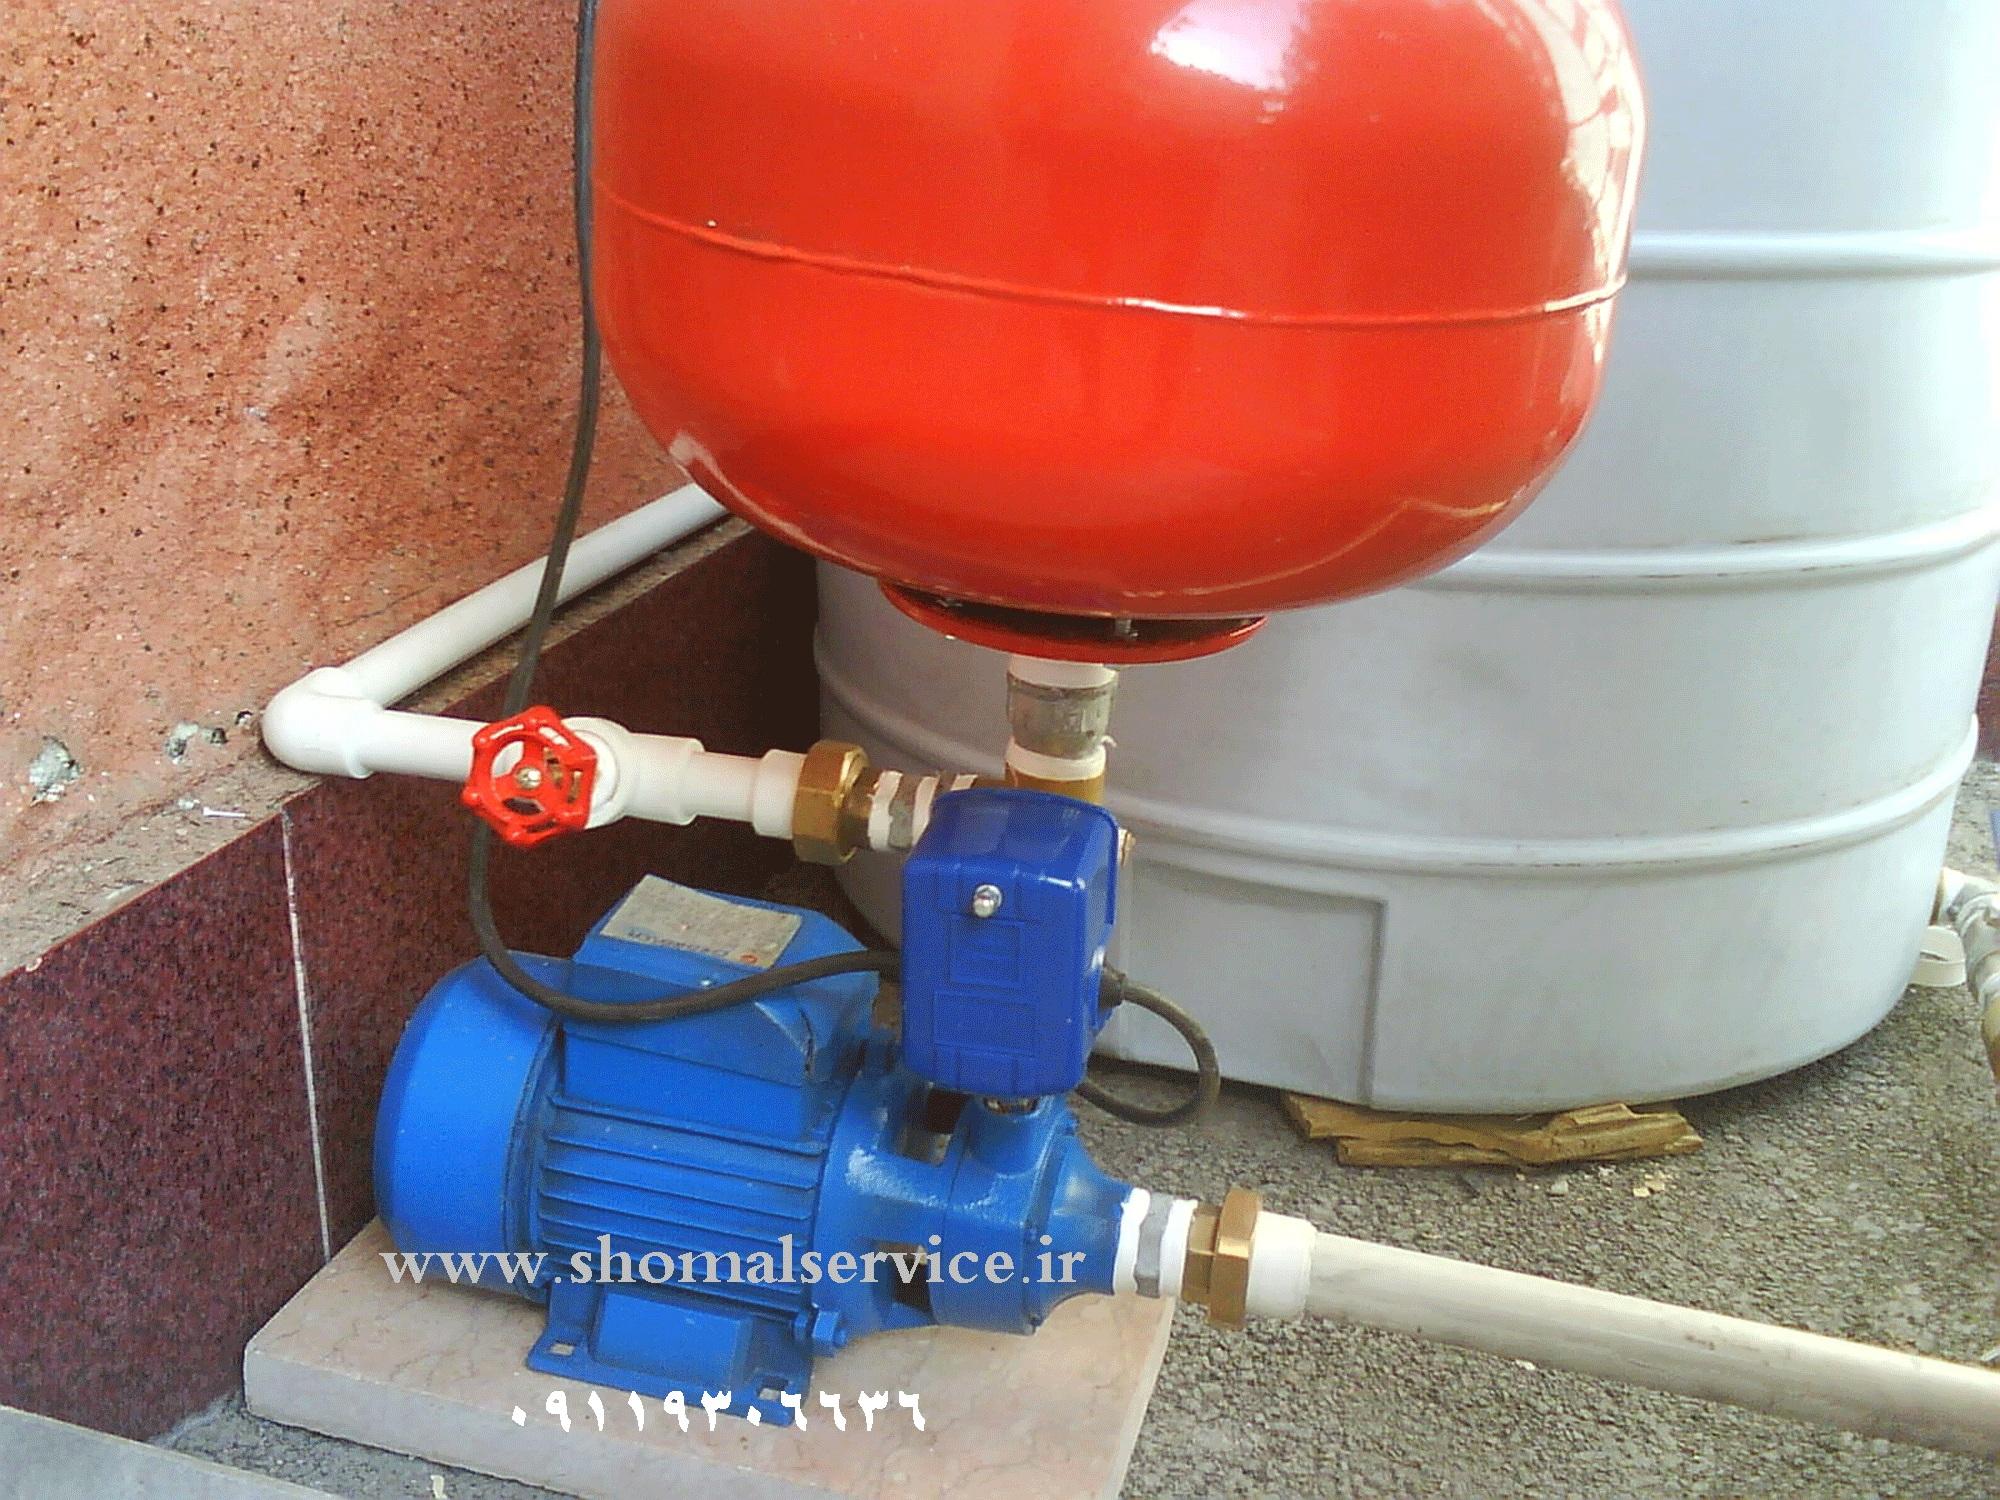 تعمیر پمپ آب در رشت